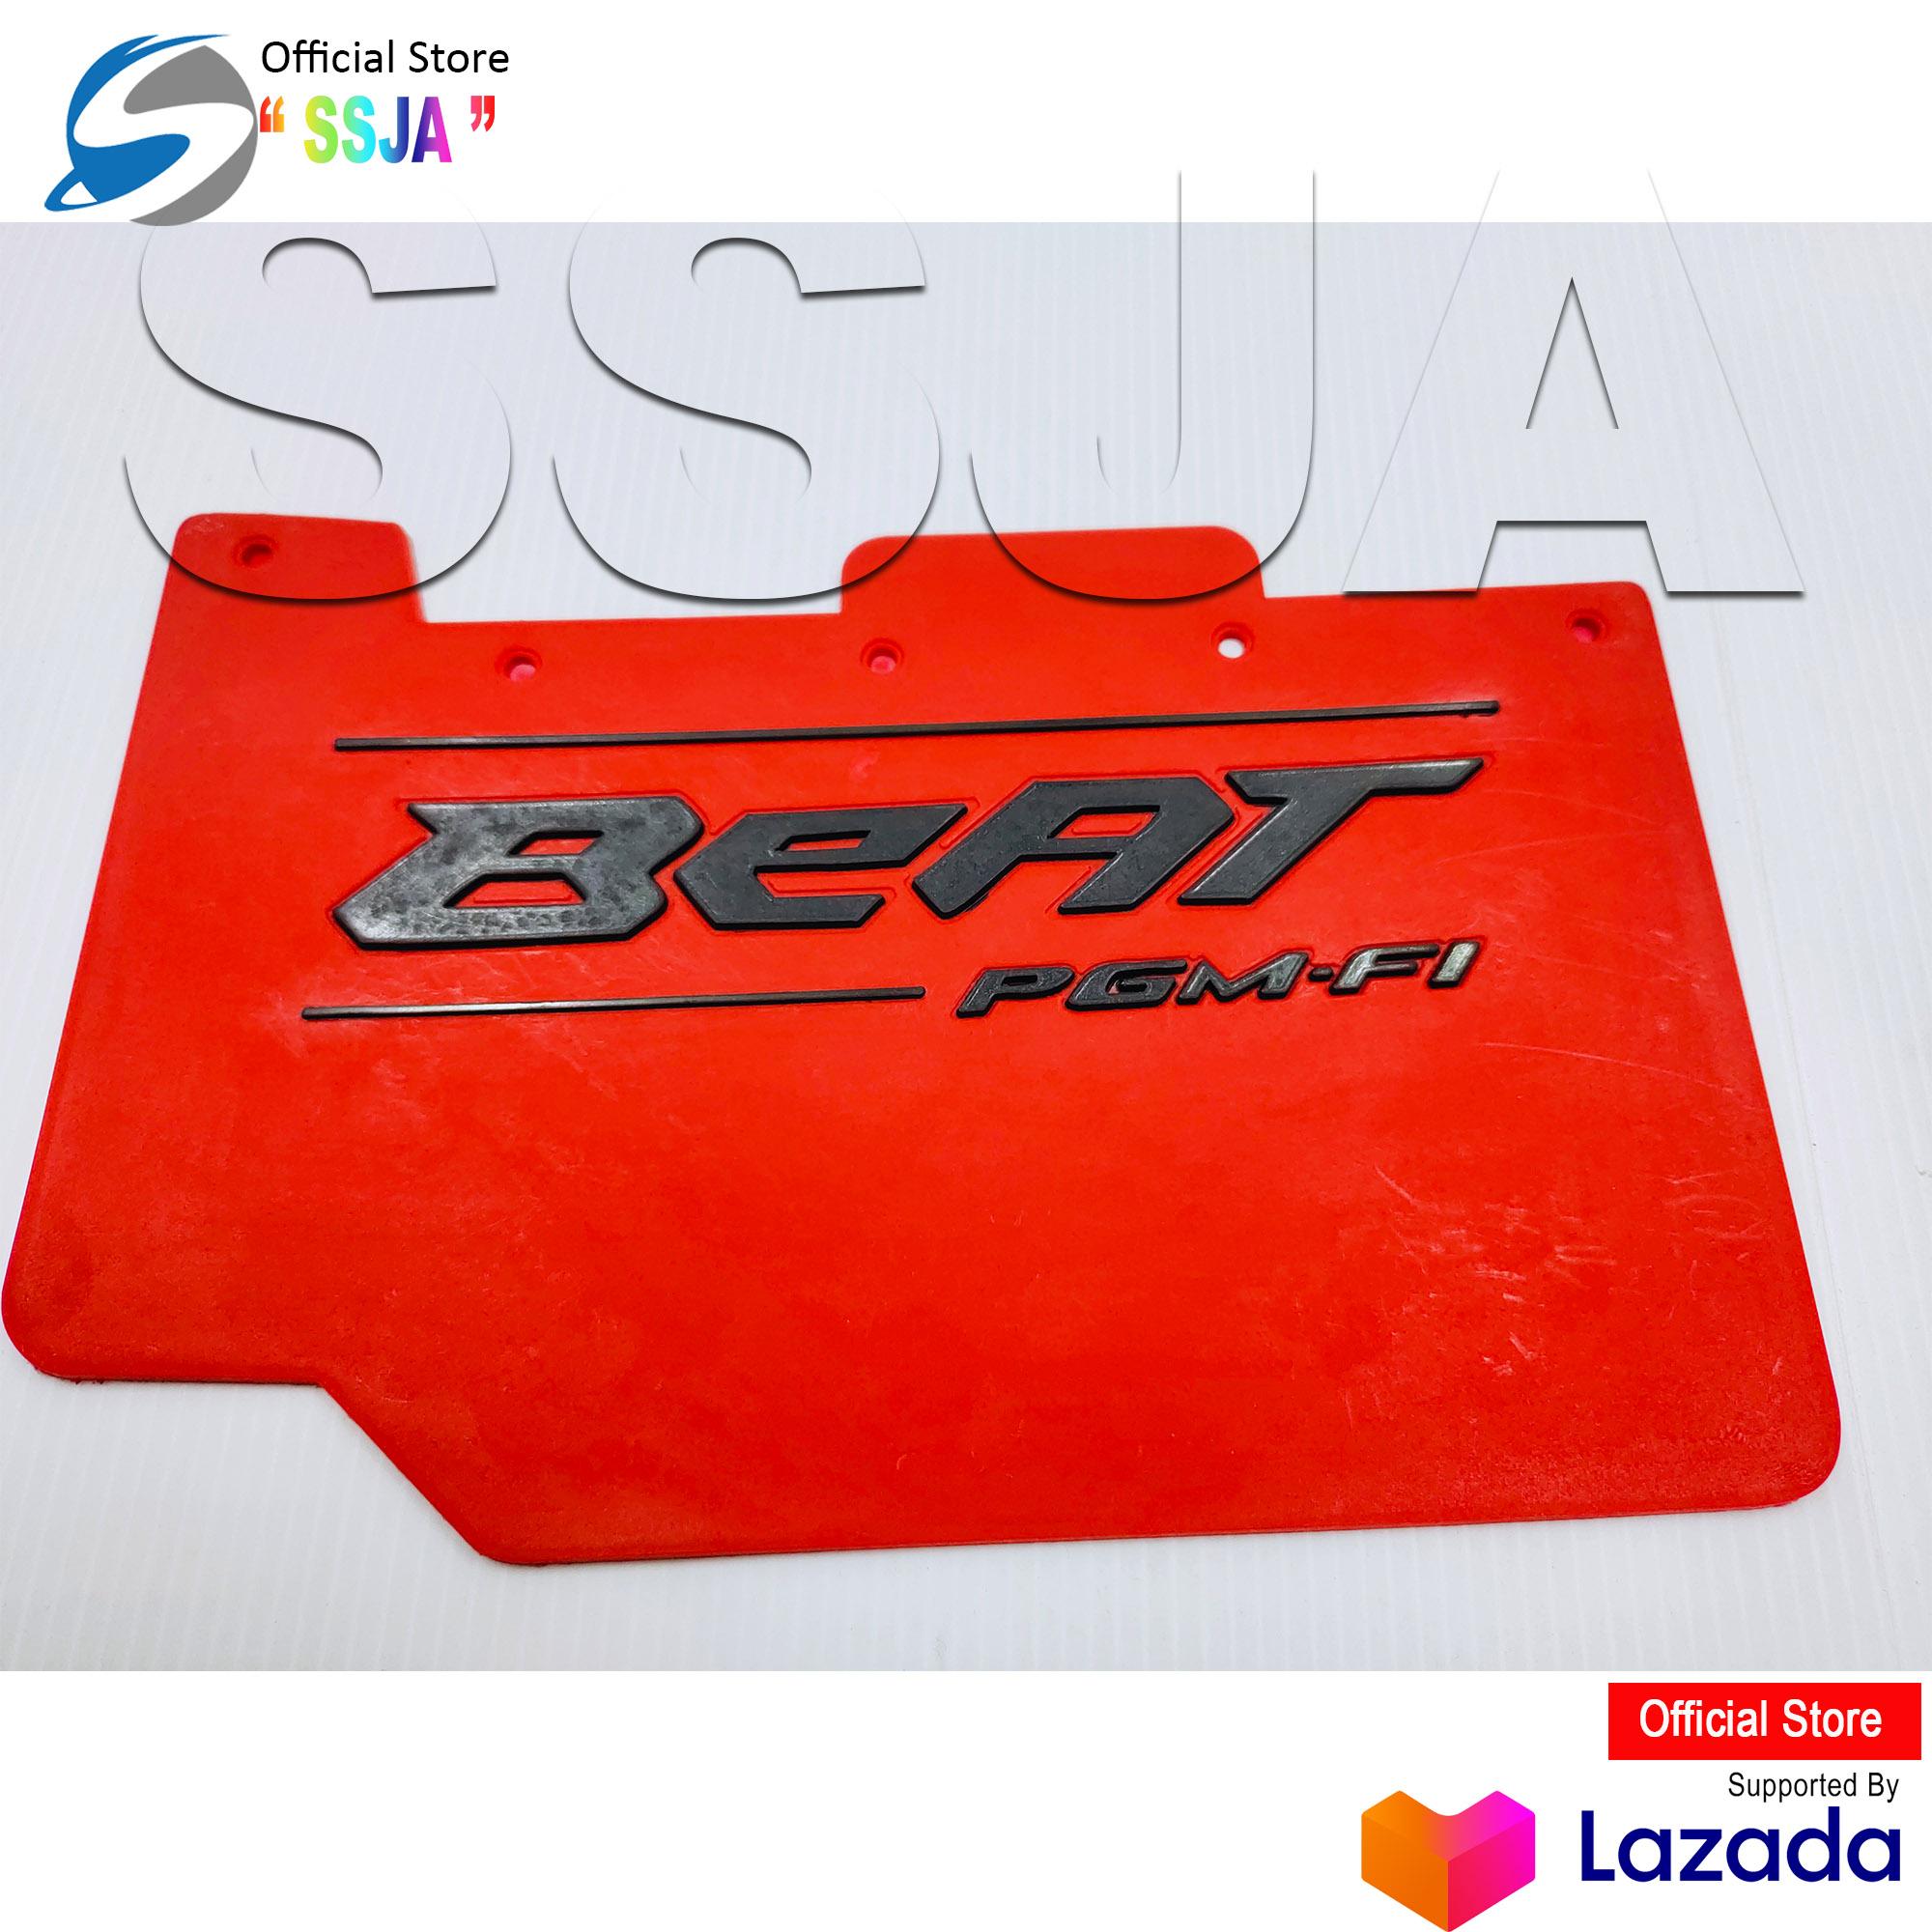 Jual Produk Bikers Terbaru | lazada.co.id